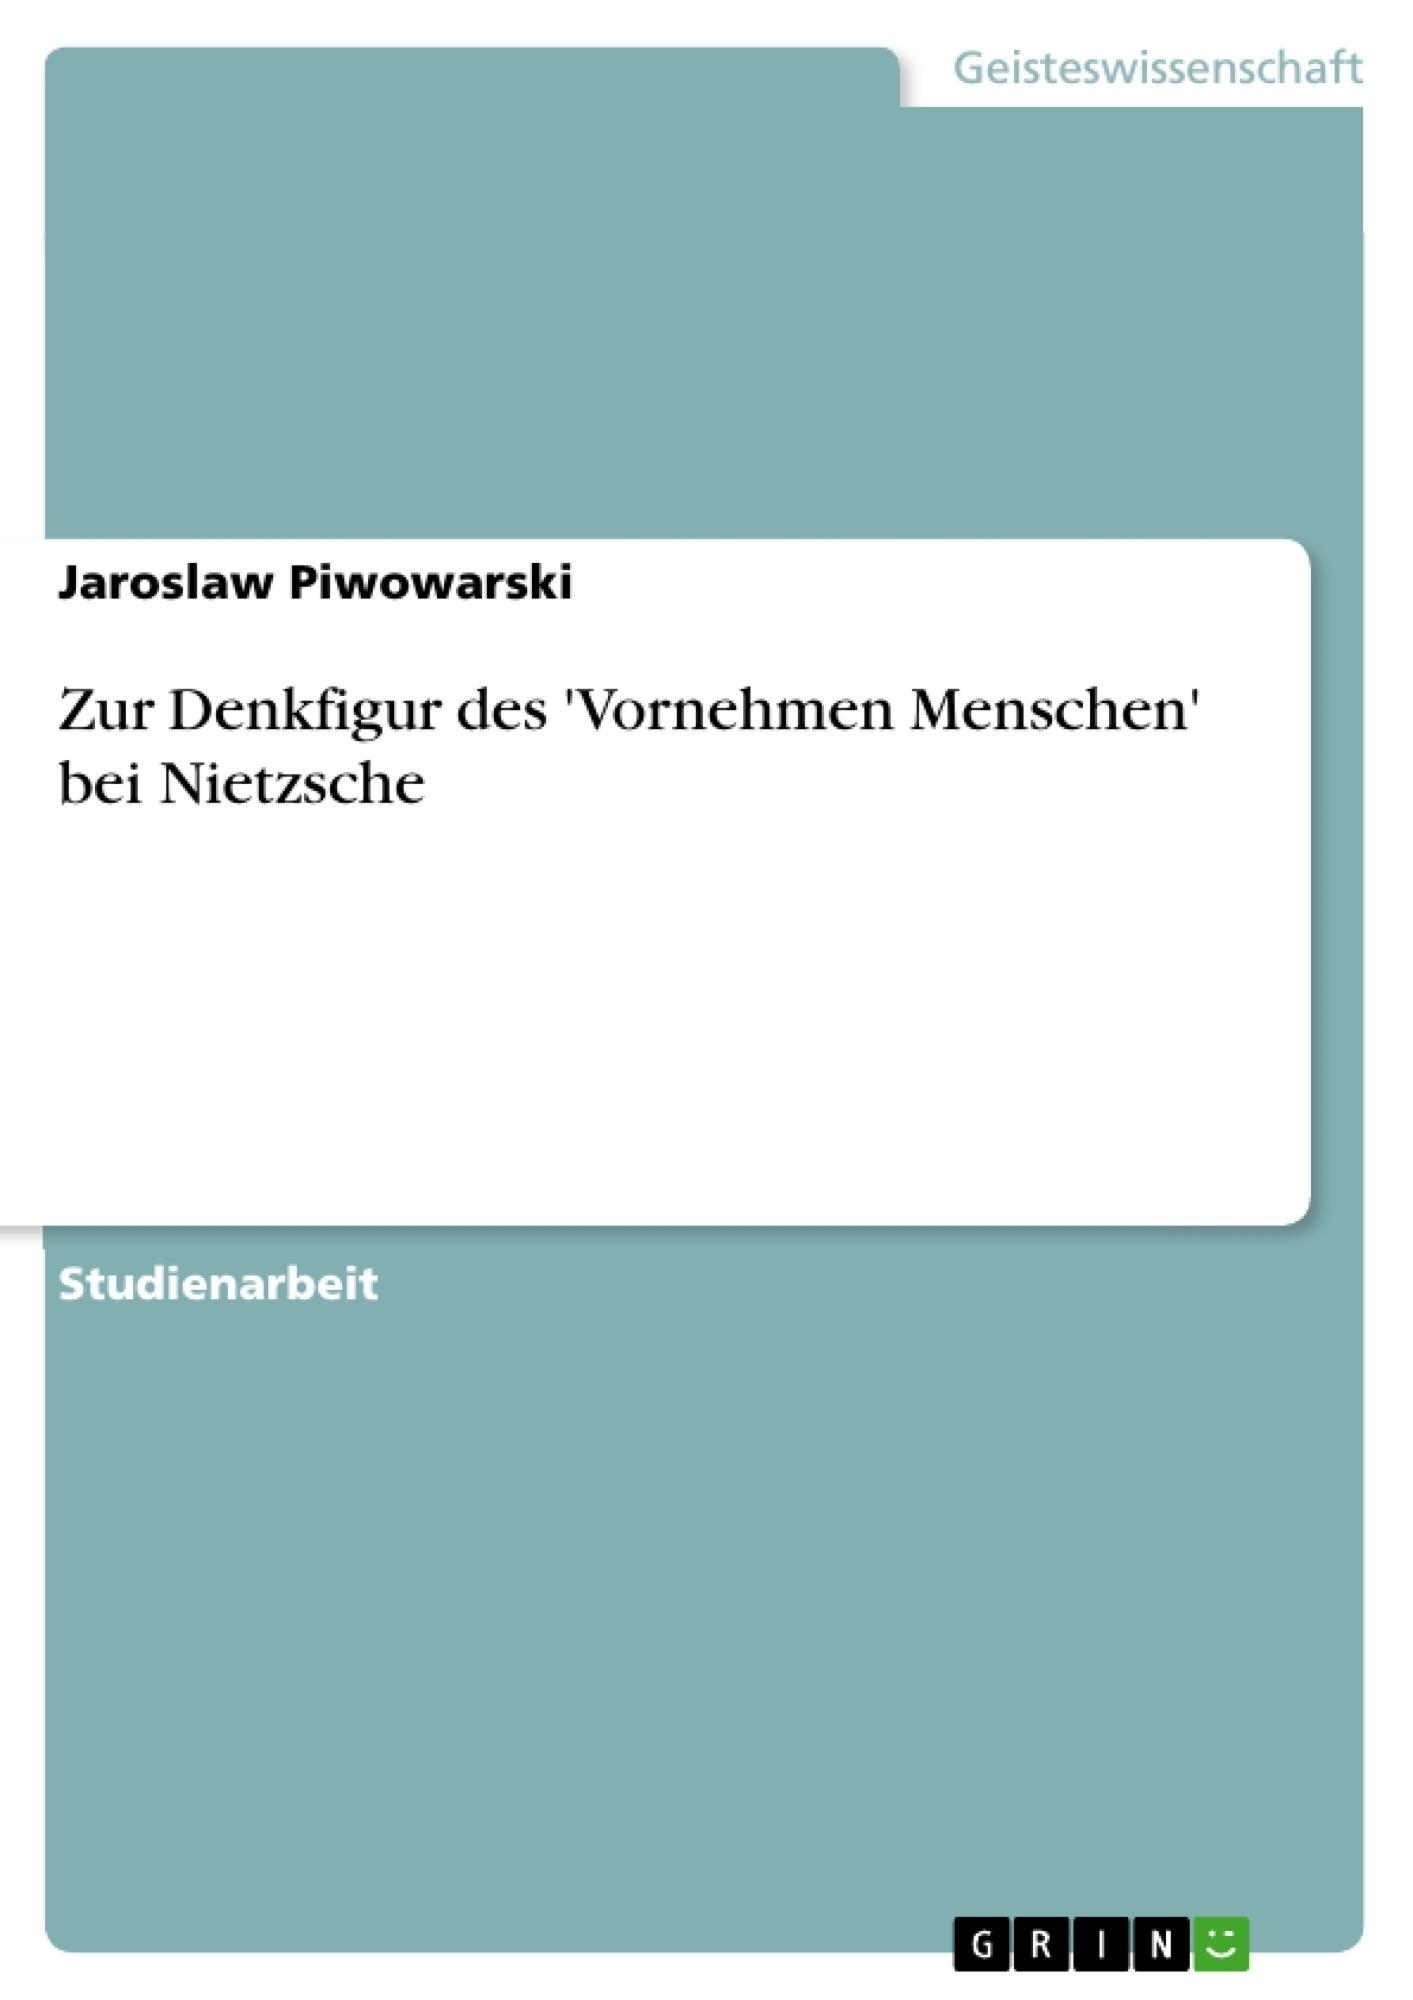 Titel: Zur Denkfigur des 'Vornehmen Menschen' bei Nietzsche